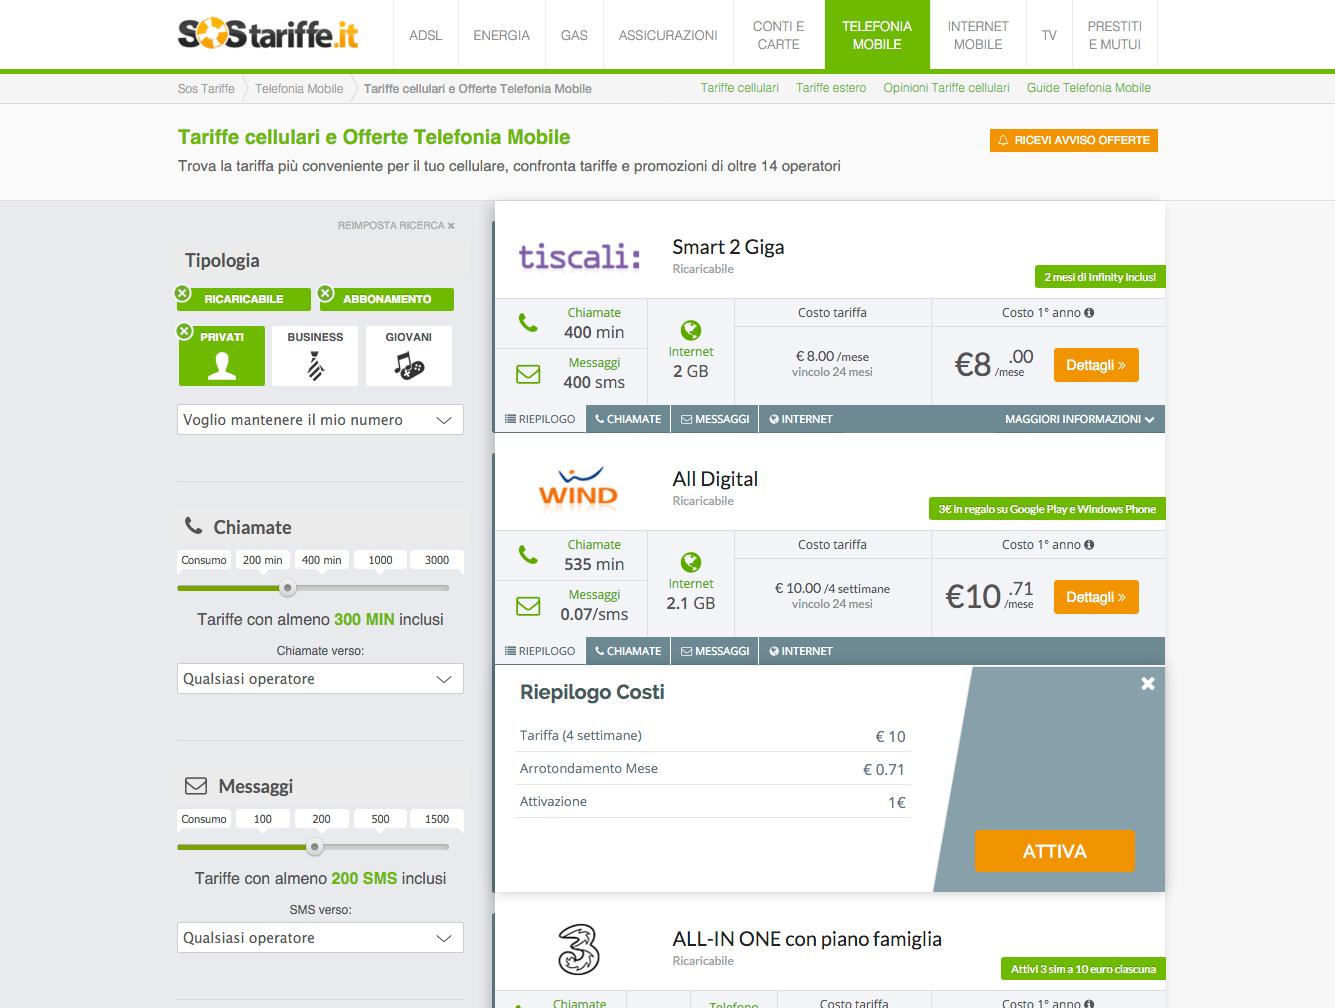 7 marzo Nuovo comparatore Tel.Mobile SosTariffe.it_preview